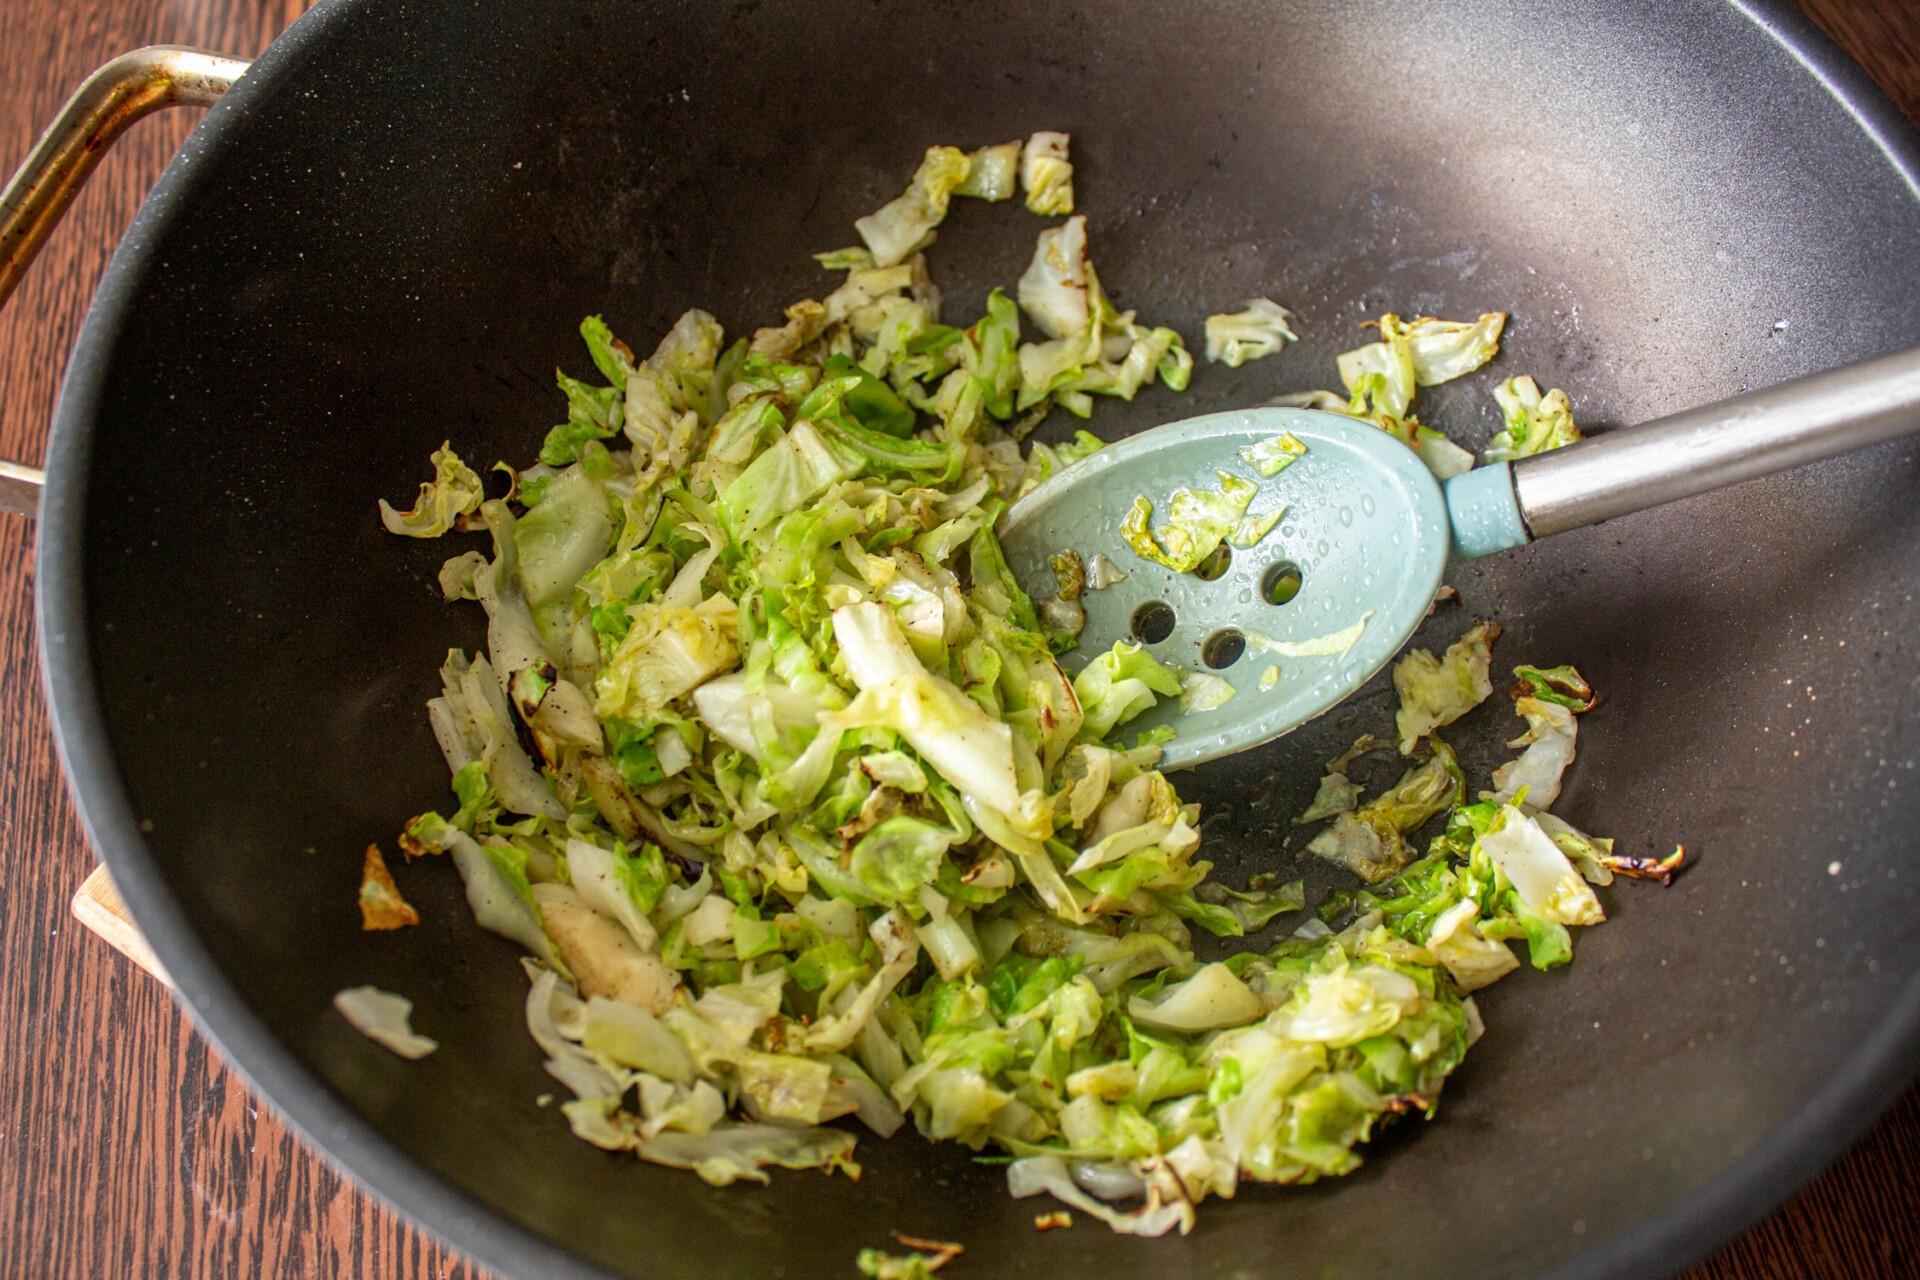 Киш с капустой и яйцом: обжариваем капусту на сковороде в течение 5 минут